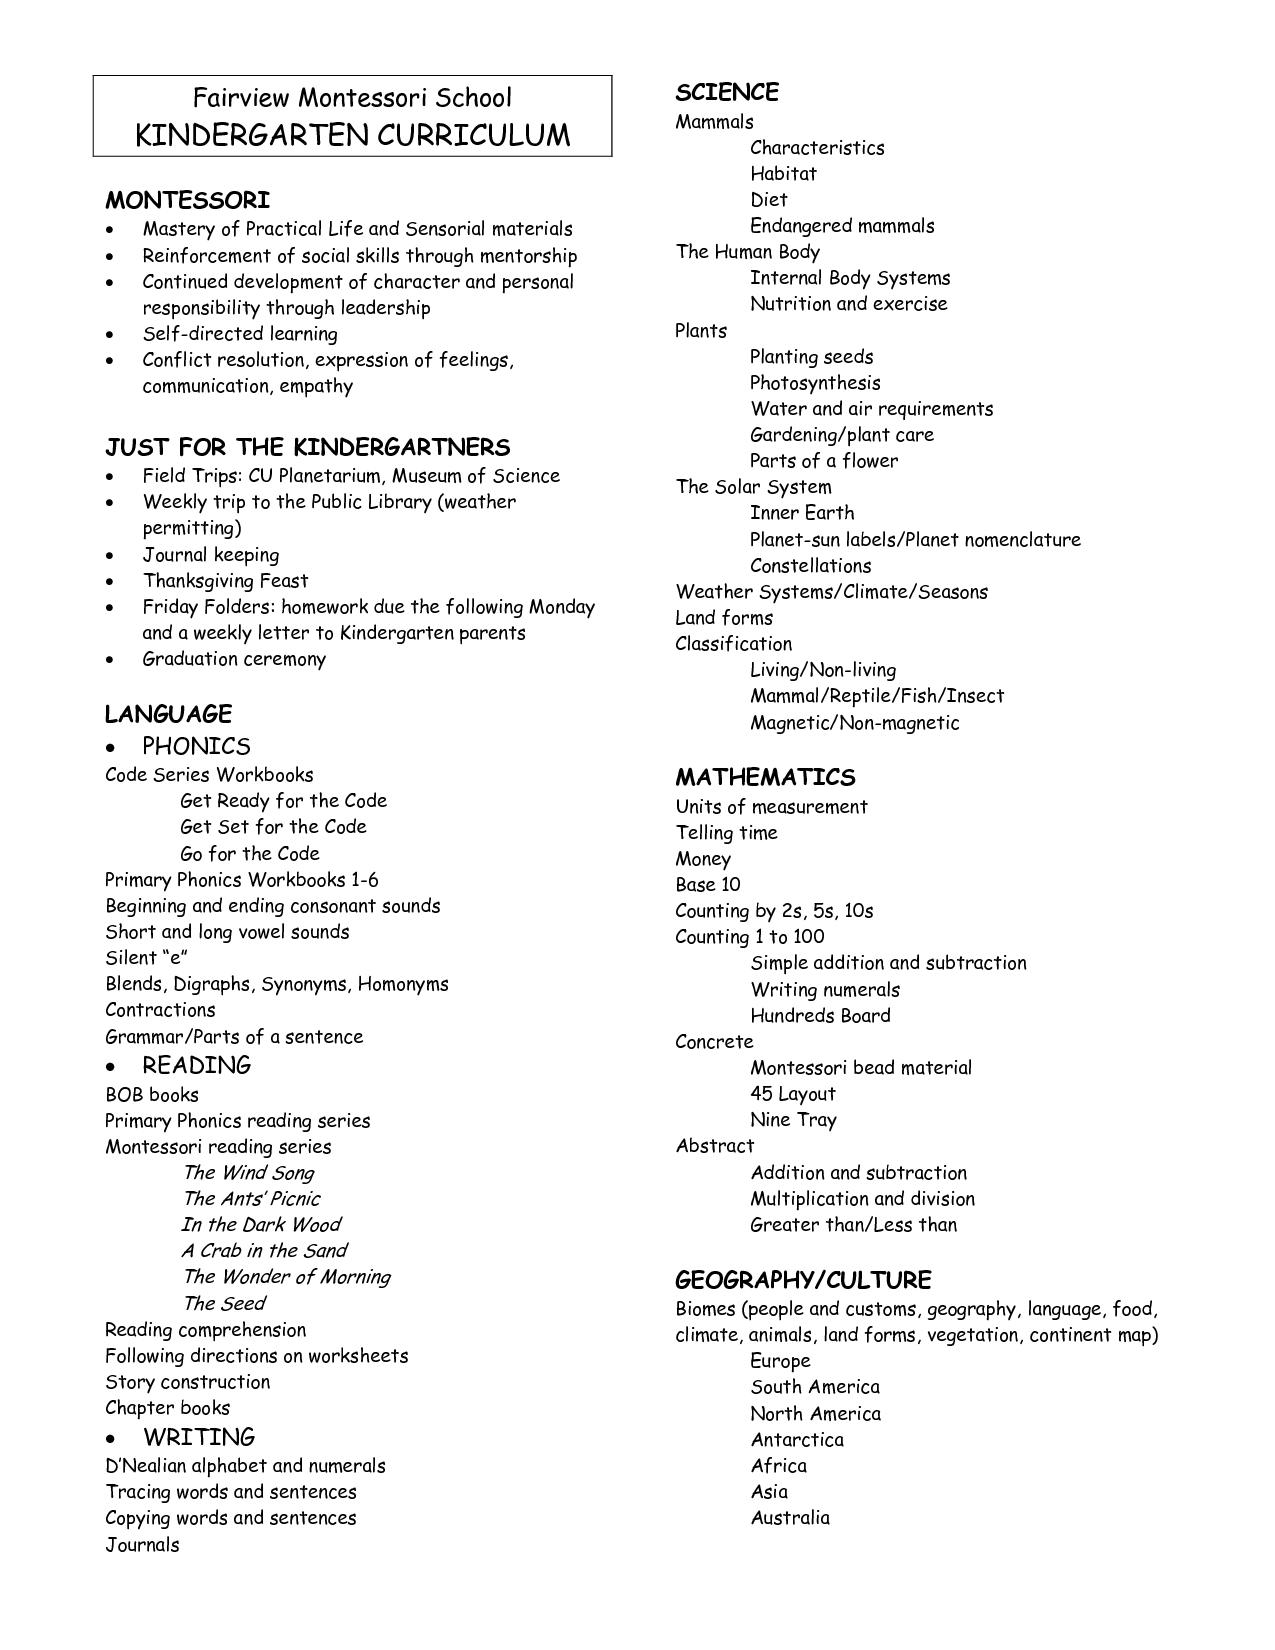 Montessori Math Worksheets montessori geography activities free – Montessori Math Worksheets